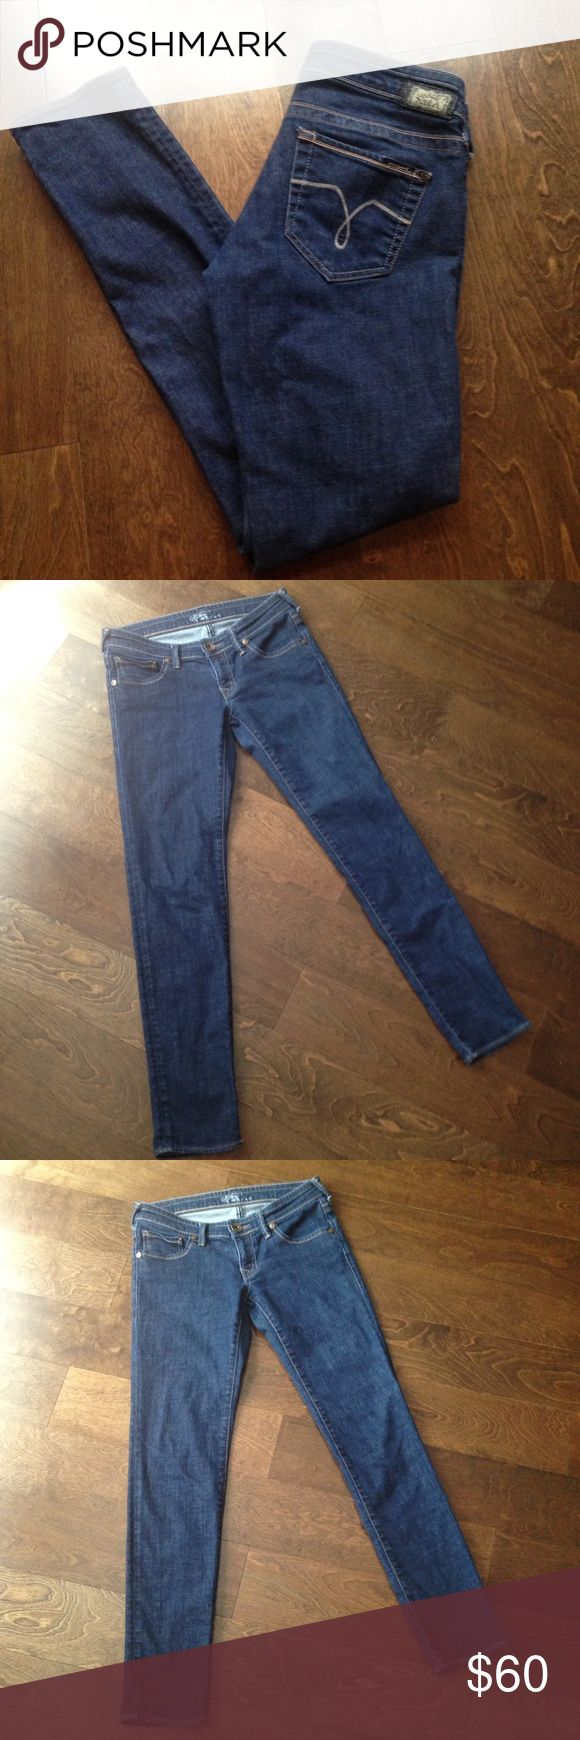 PRICE DROP! Mavi Skinny Jeans Skinny jeans Mavi Jeans Skinny